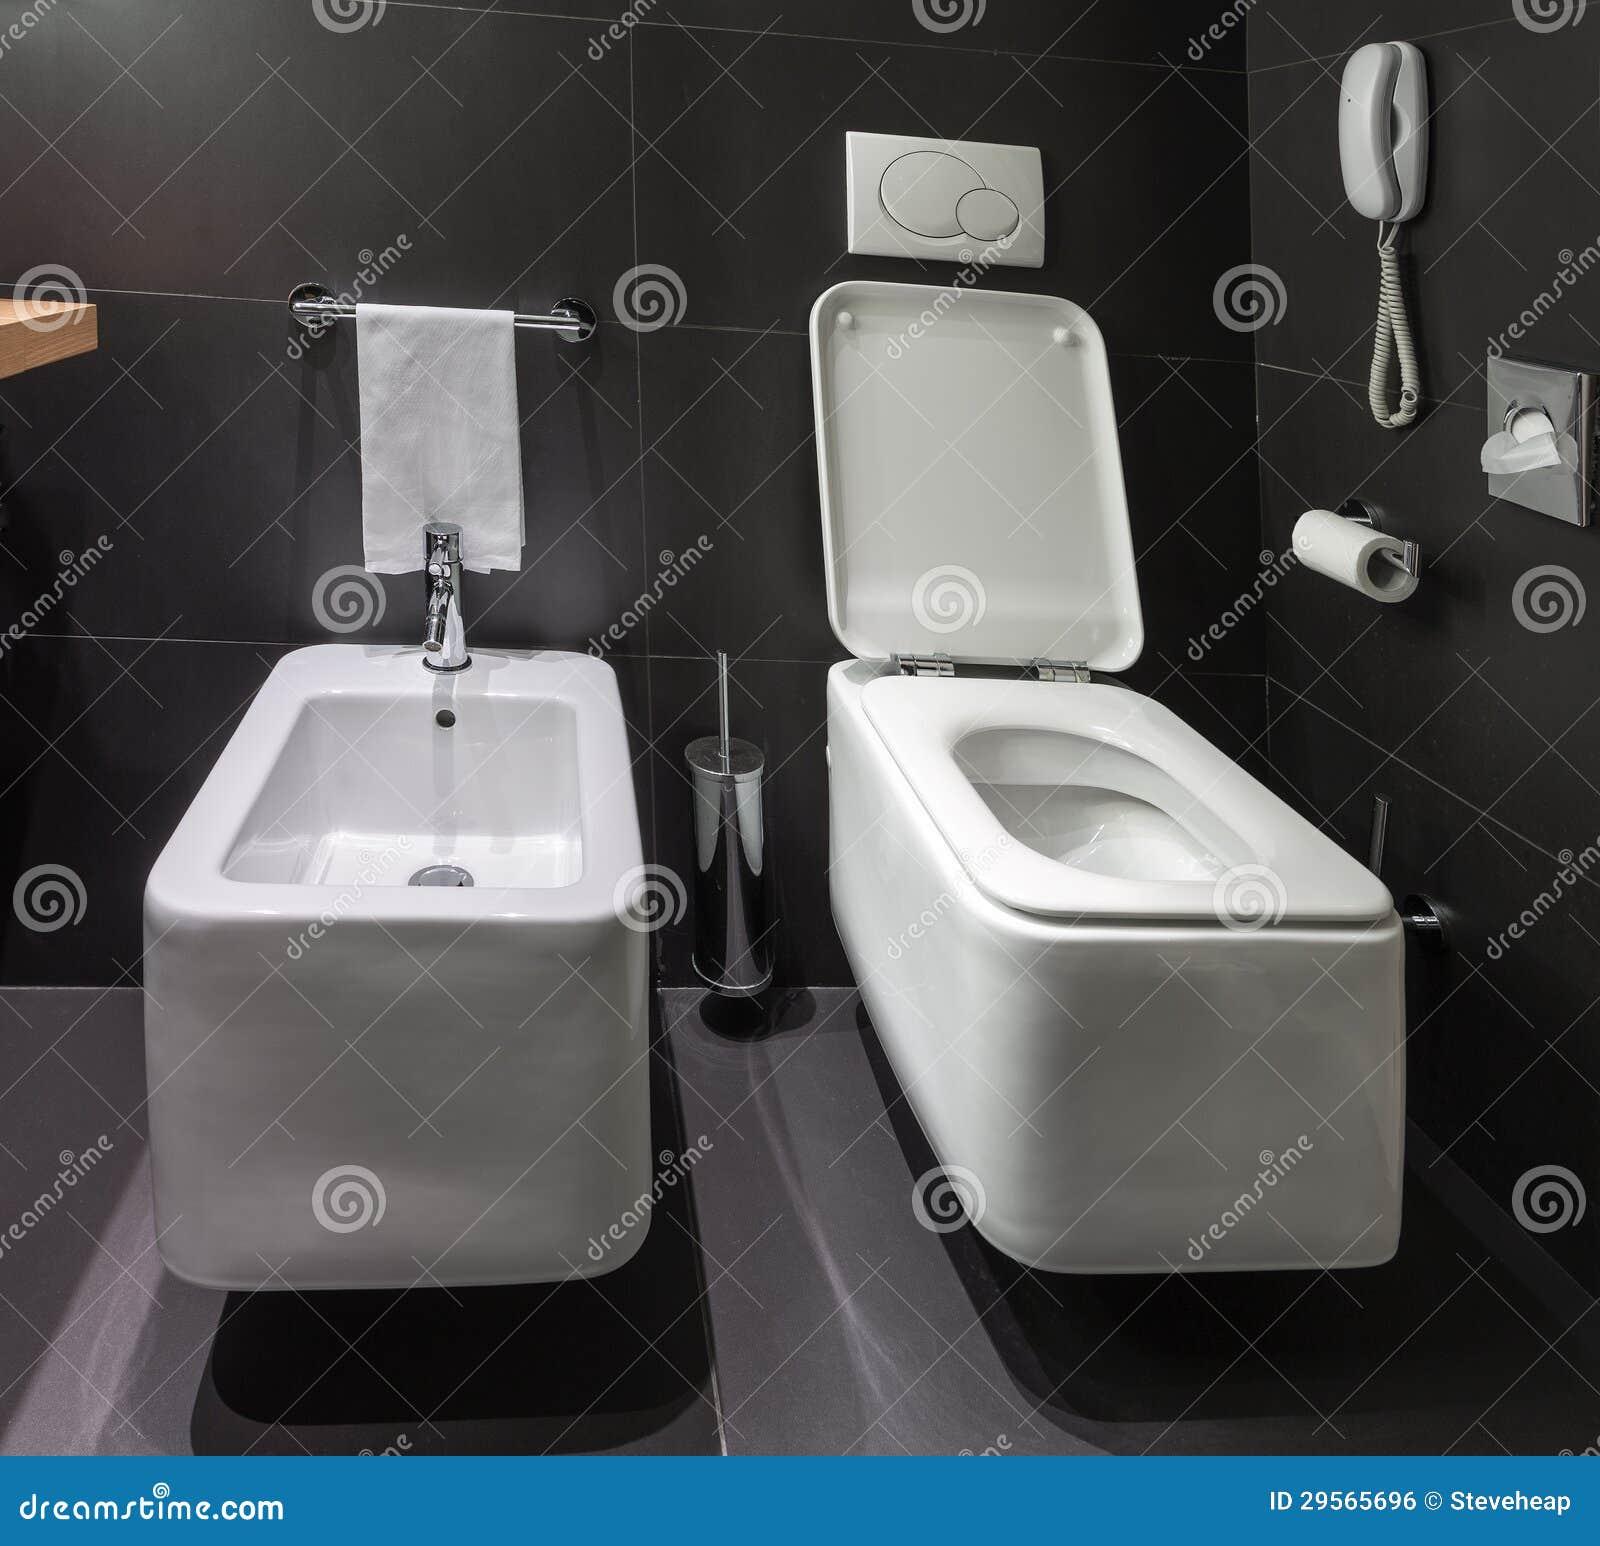 Imagens de #82A229  wc do toalete e de bidet quadrados modernos no banheiro telhado preto 1300x1273 px 3692 Banheiros Quadrados Modernos